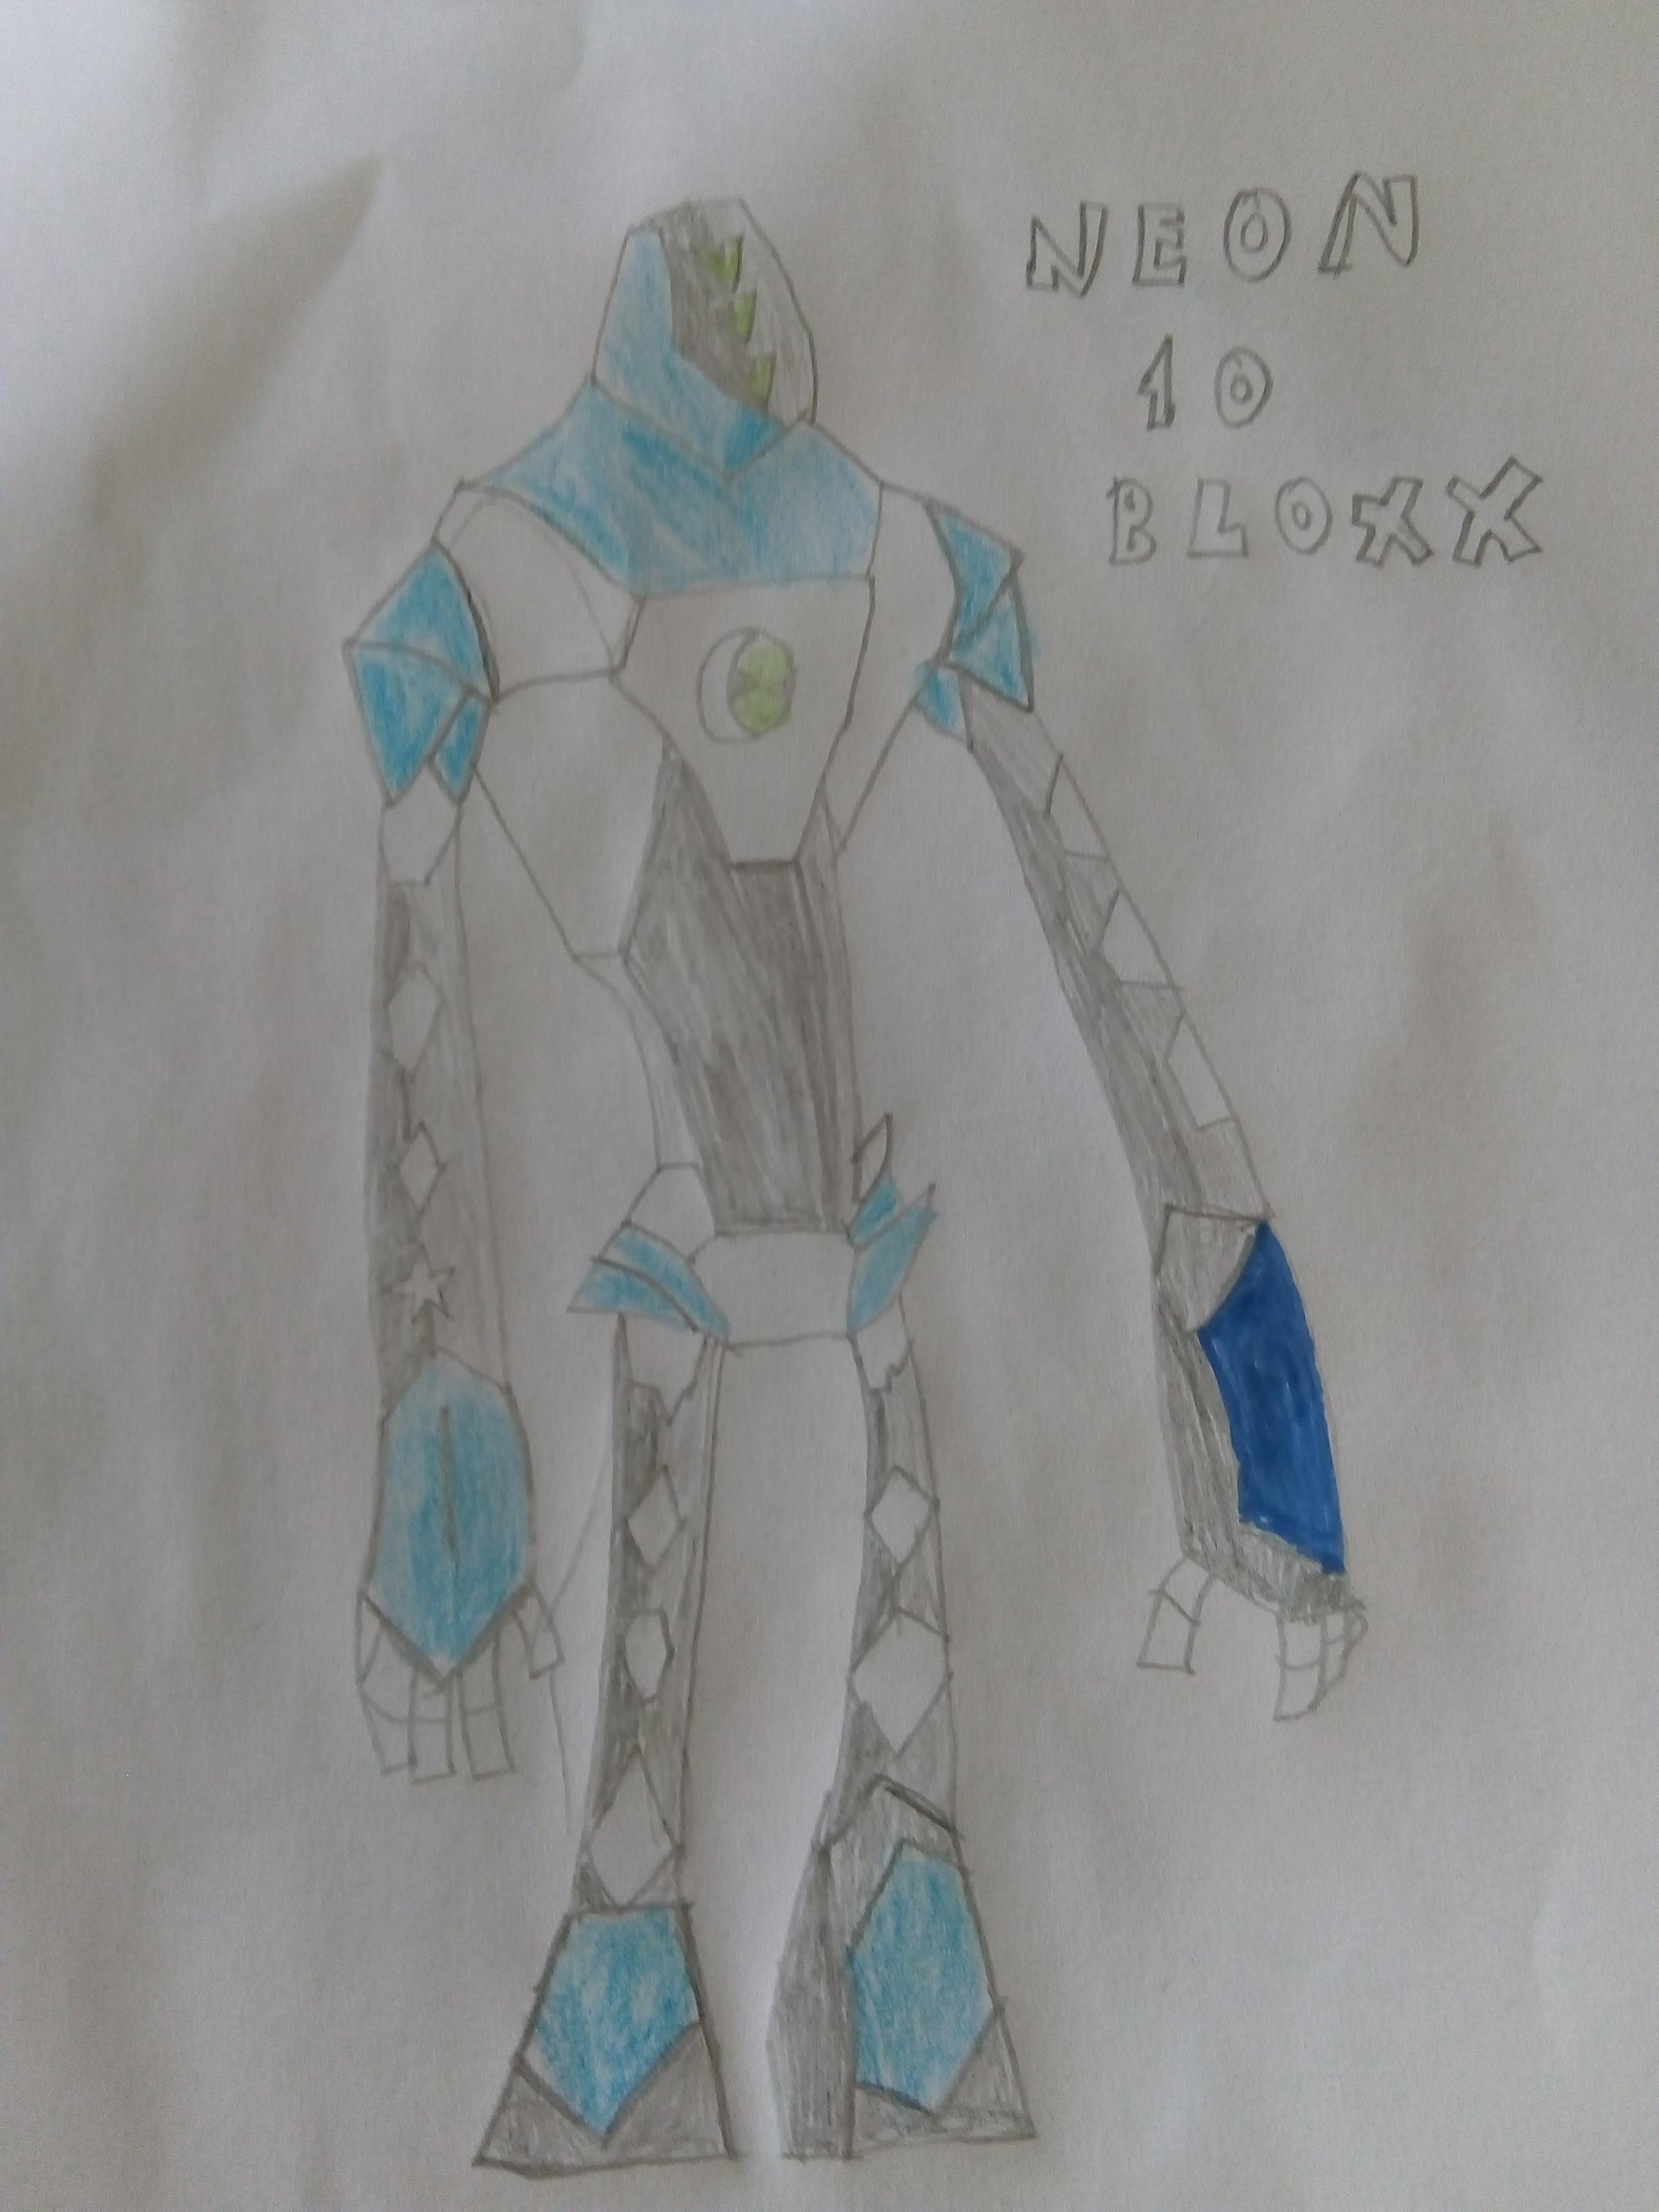 Bloxx (Neon 10)